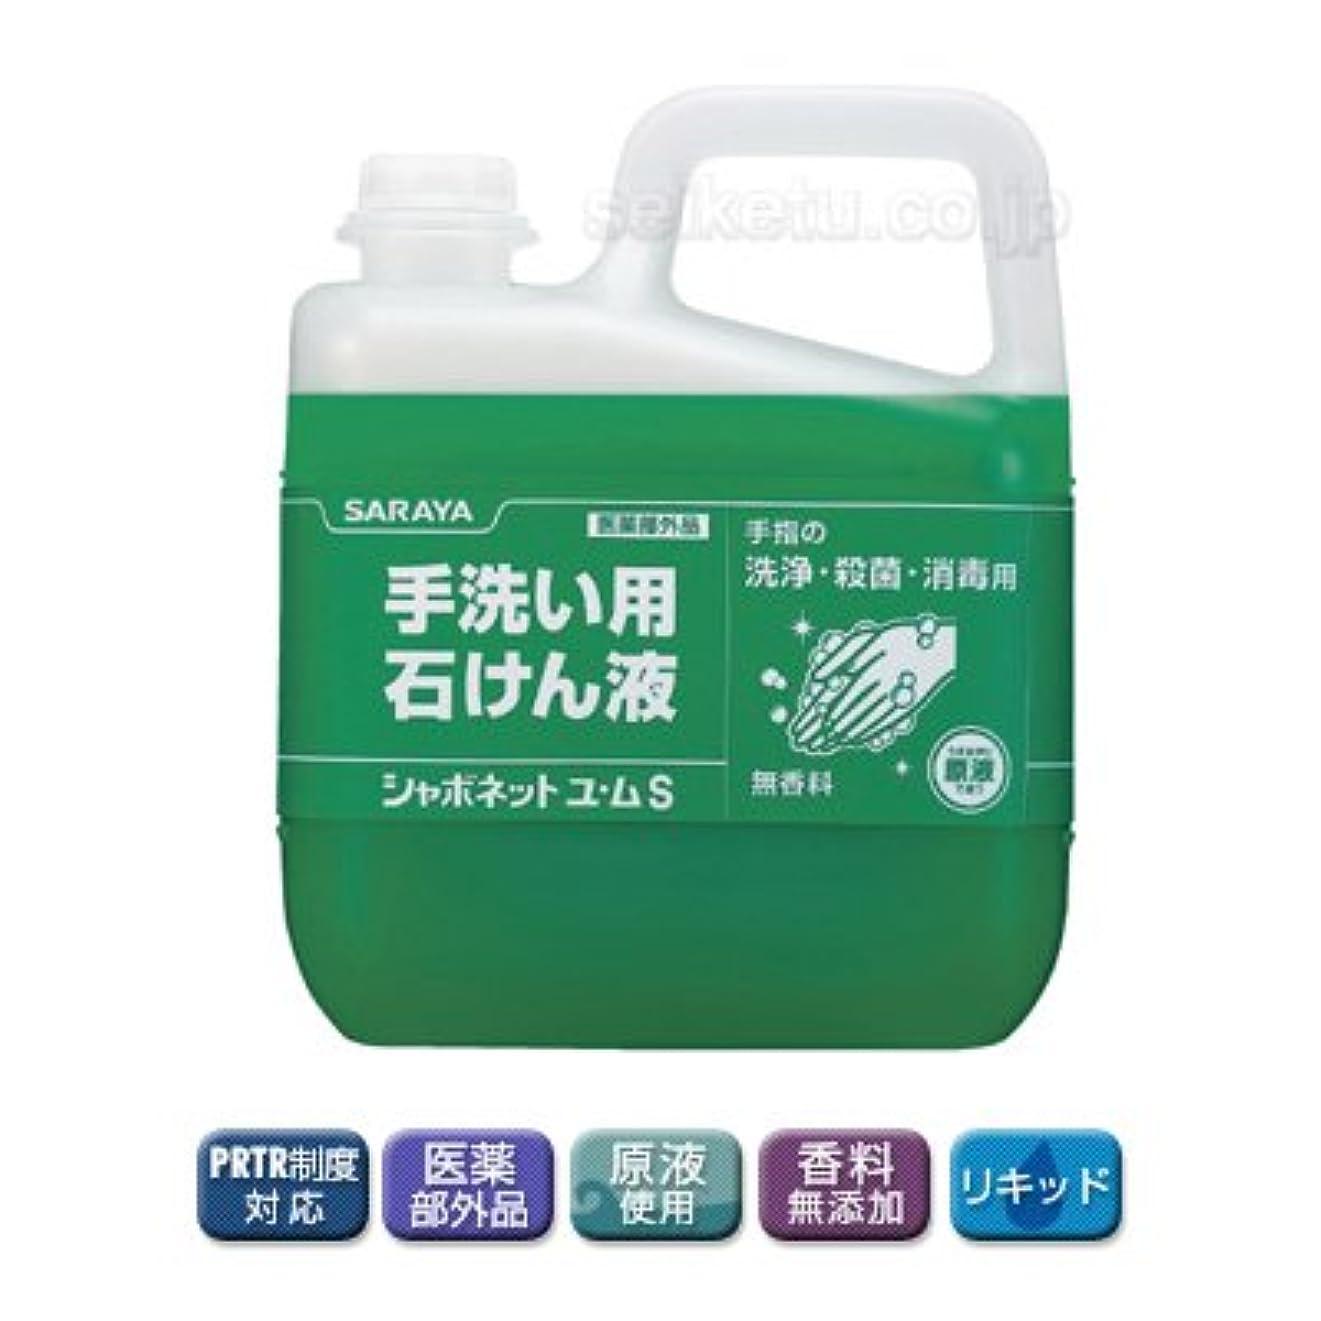 自分テント演劇【清潔キレイ館】サラヤ シャボネット石鹸液ユ?ムS(5kg)